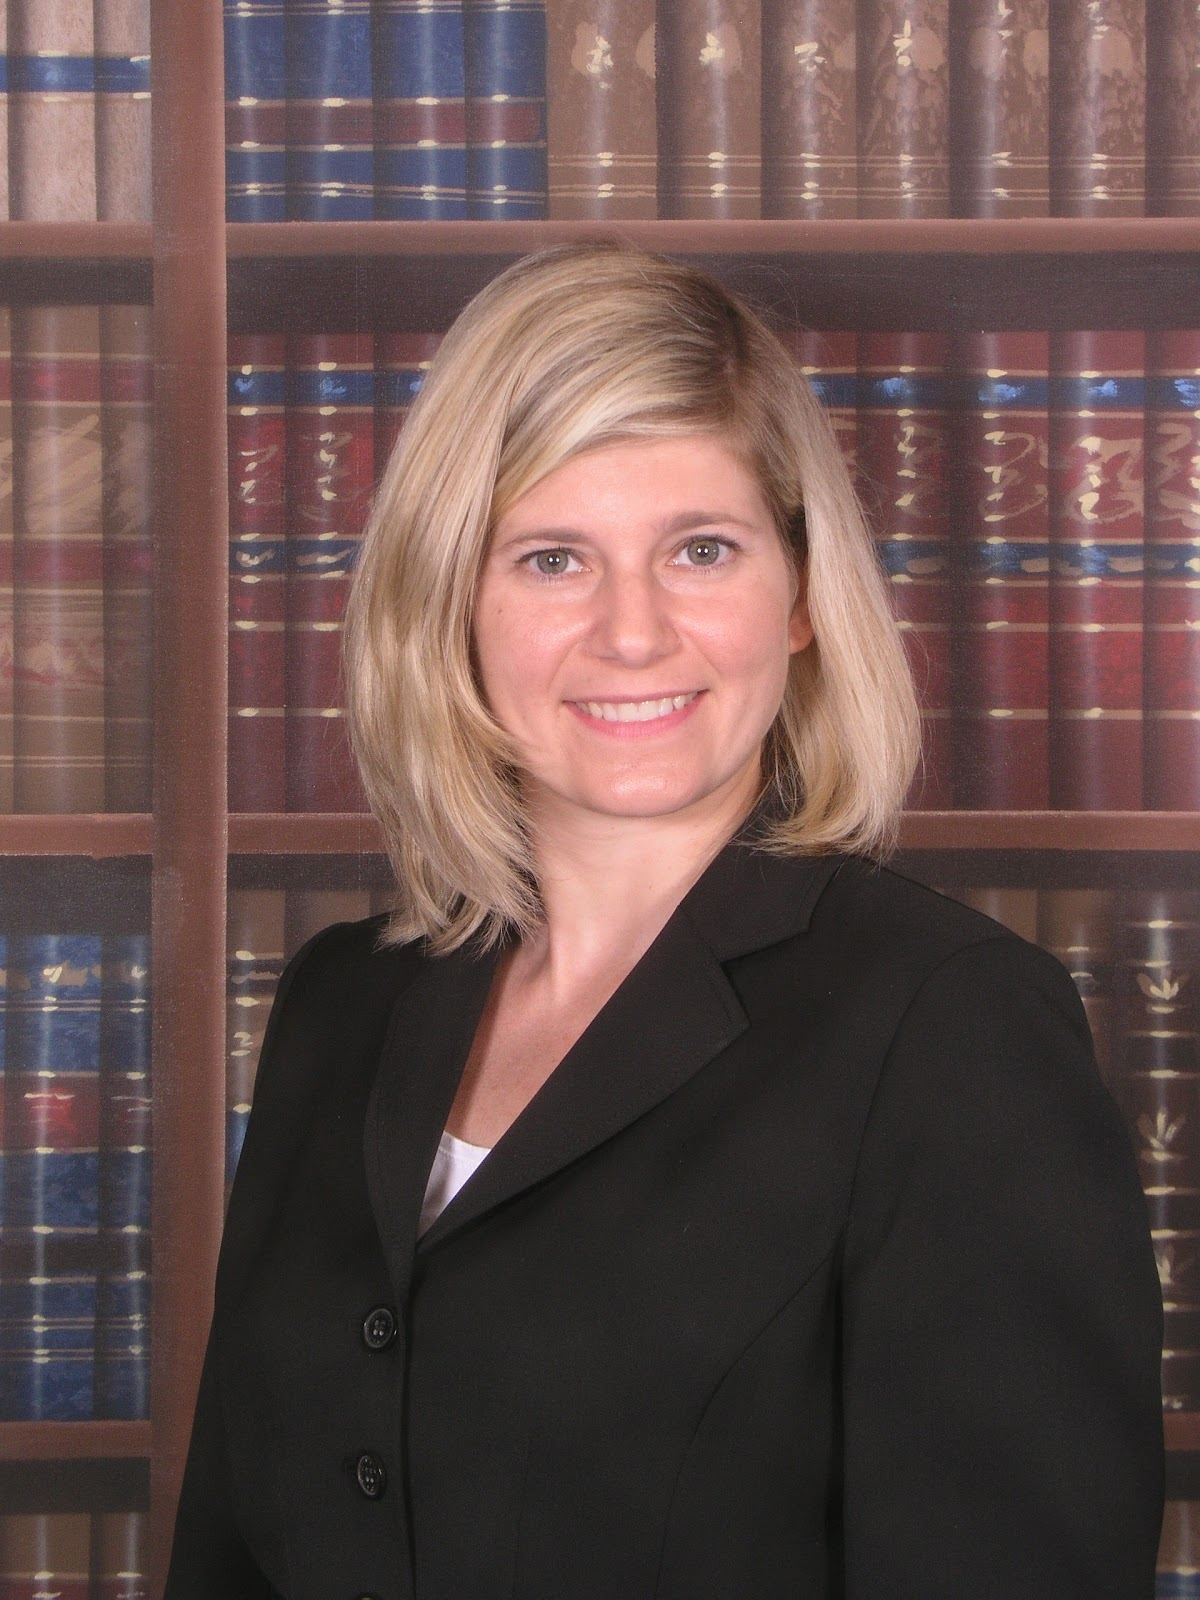 Elizabeth Houlihan student services